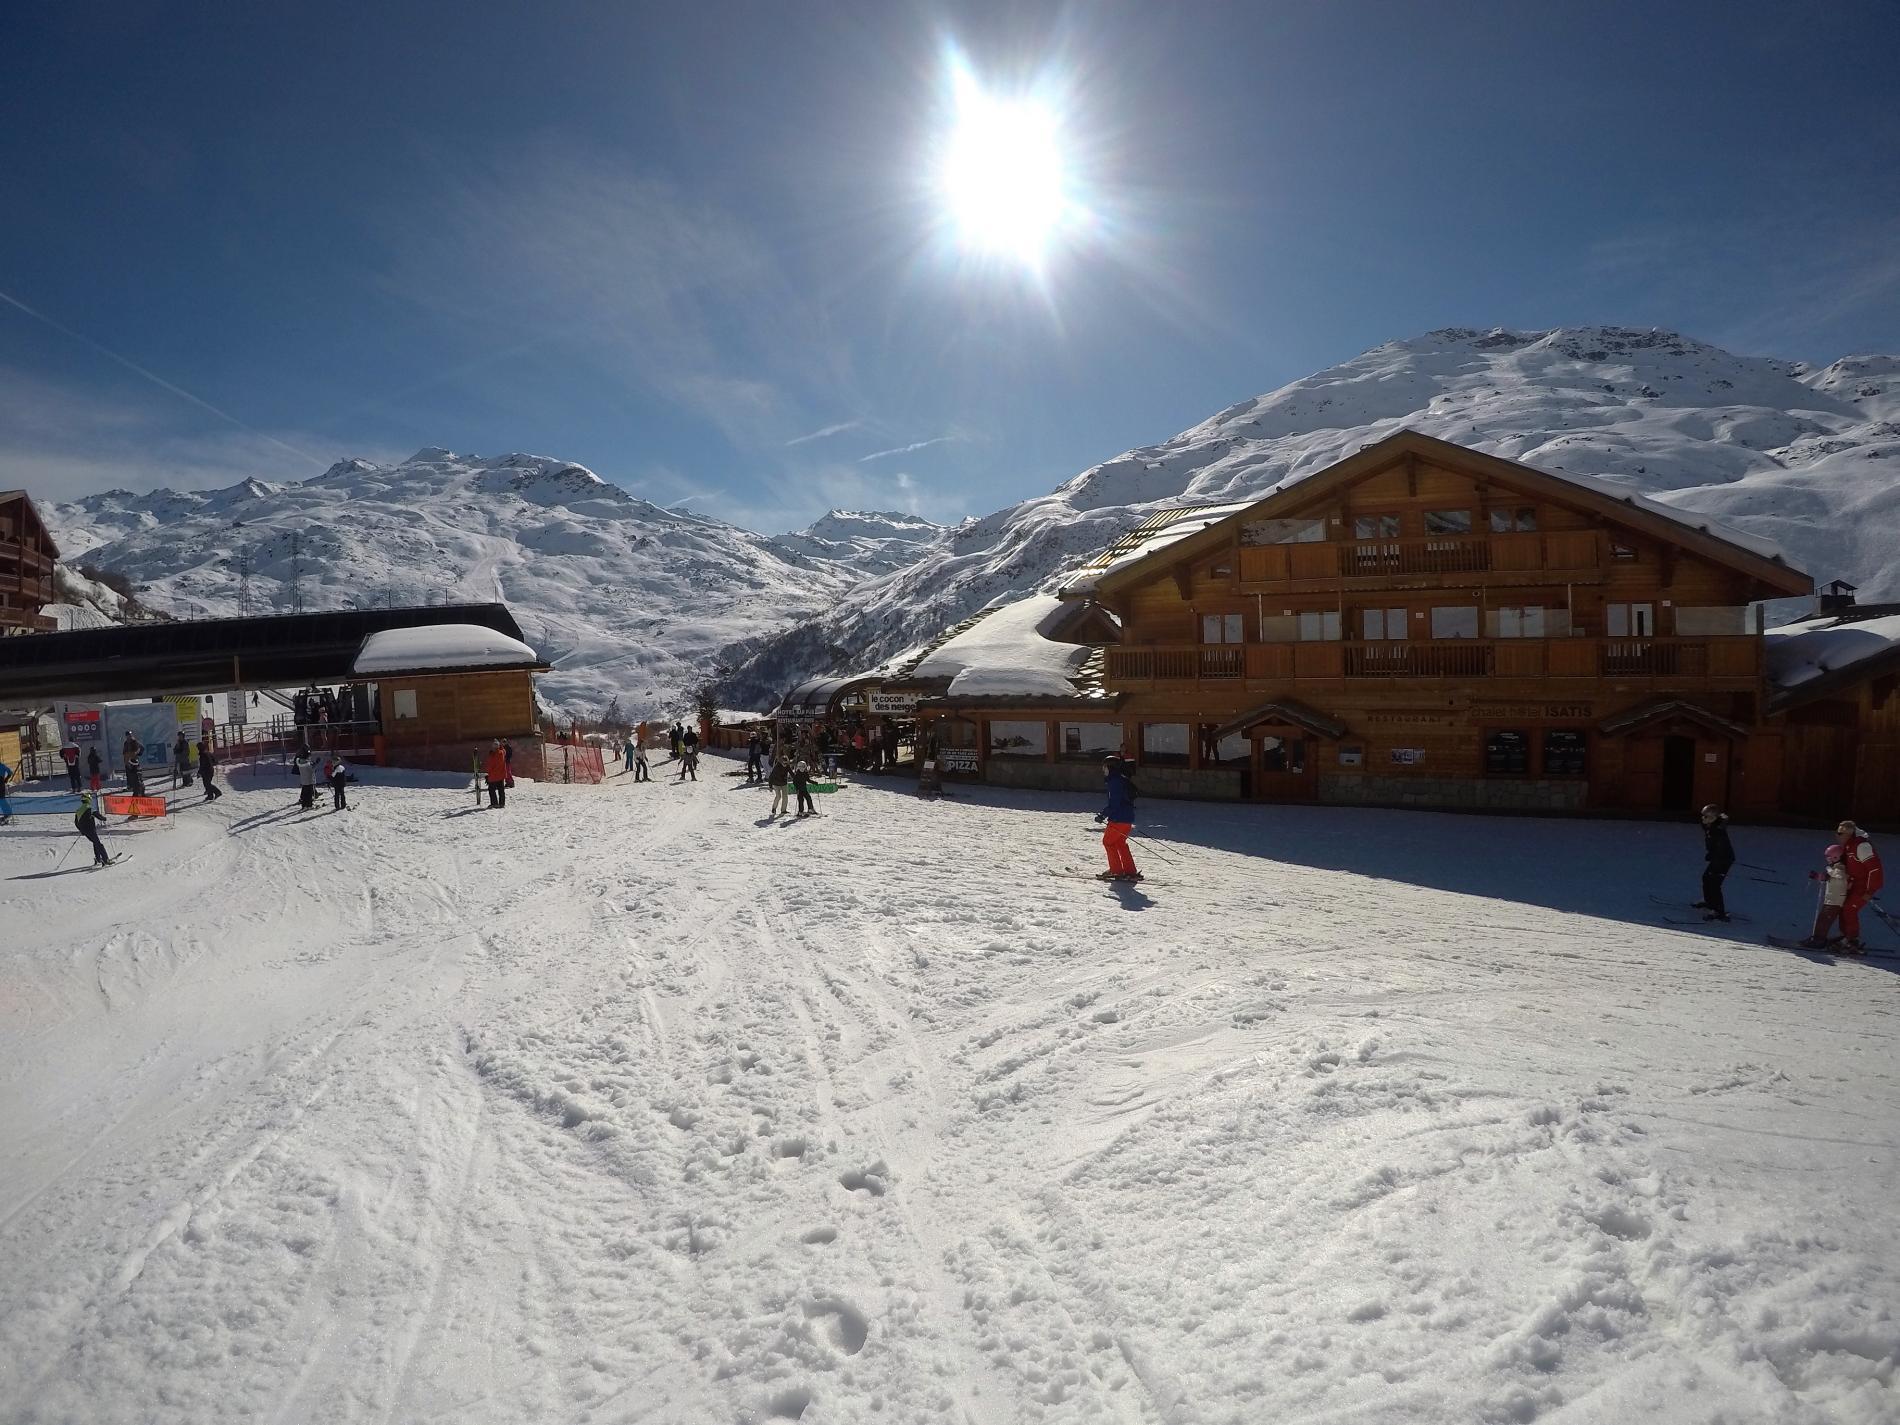 L'Isatis Chalet hôtel et son Restaurant Bar Le Cocon des neiges